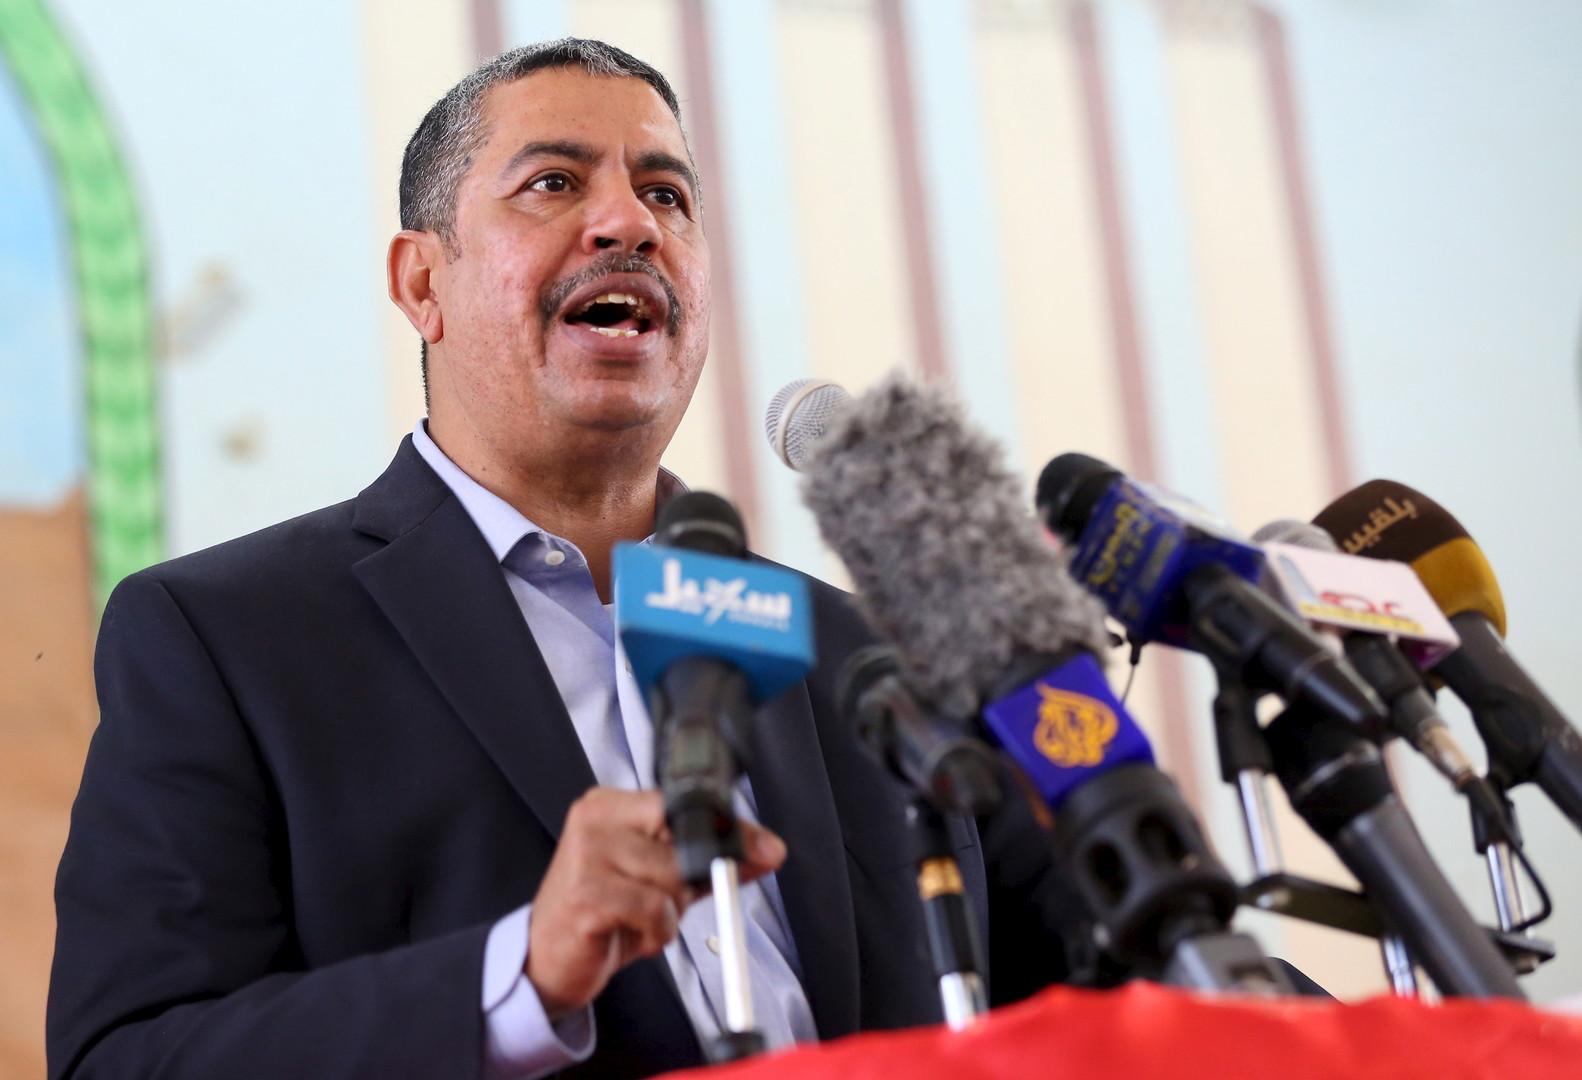 رئيس حكومة يمنية سابق يصف القيادة اليمنية بأنها